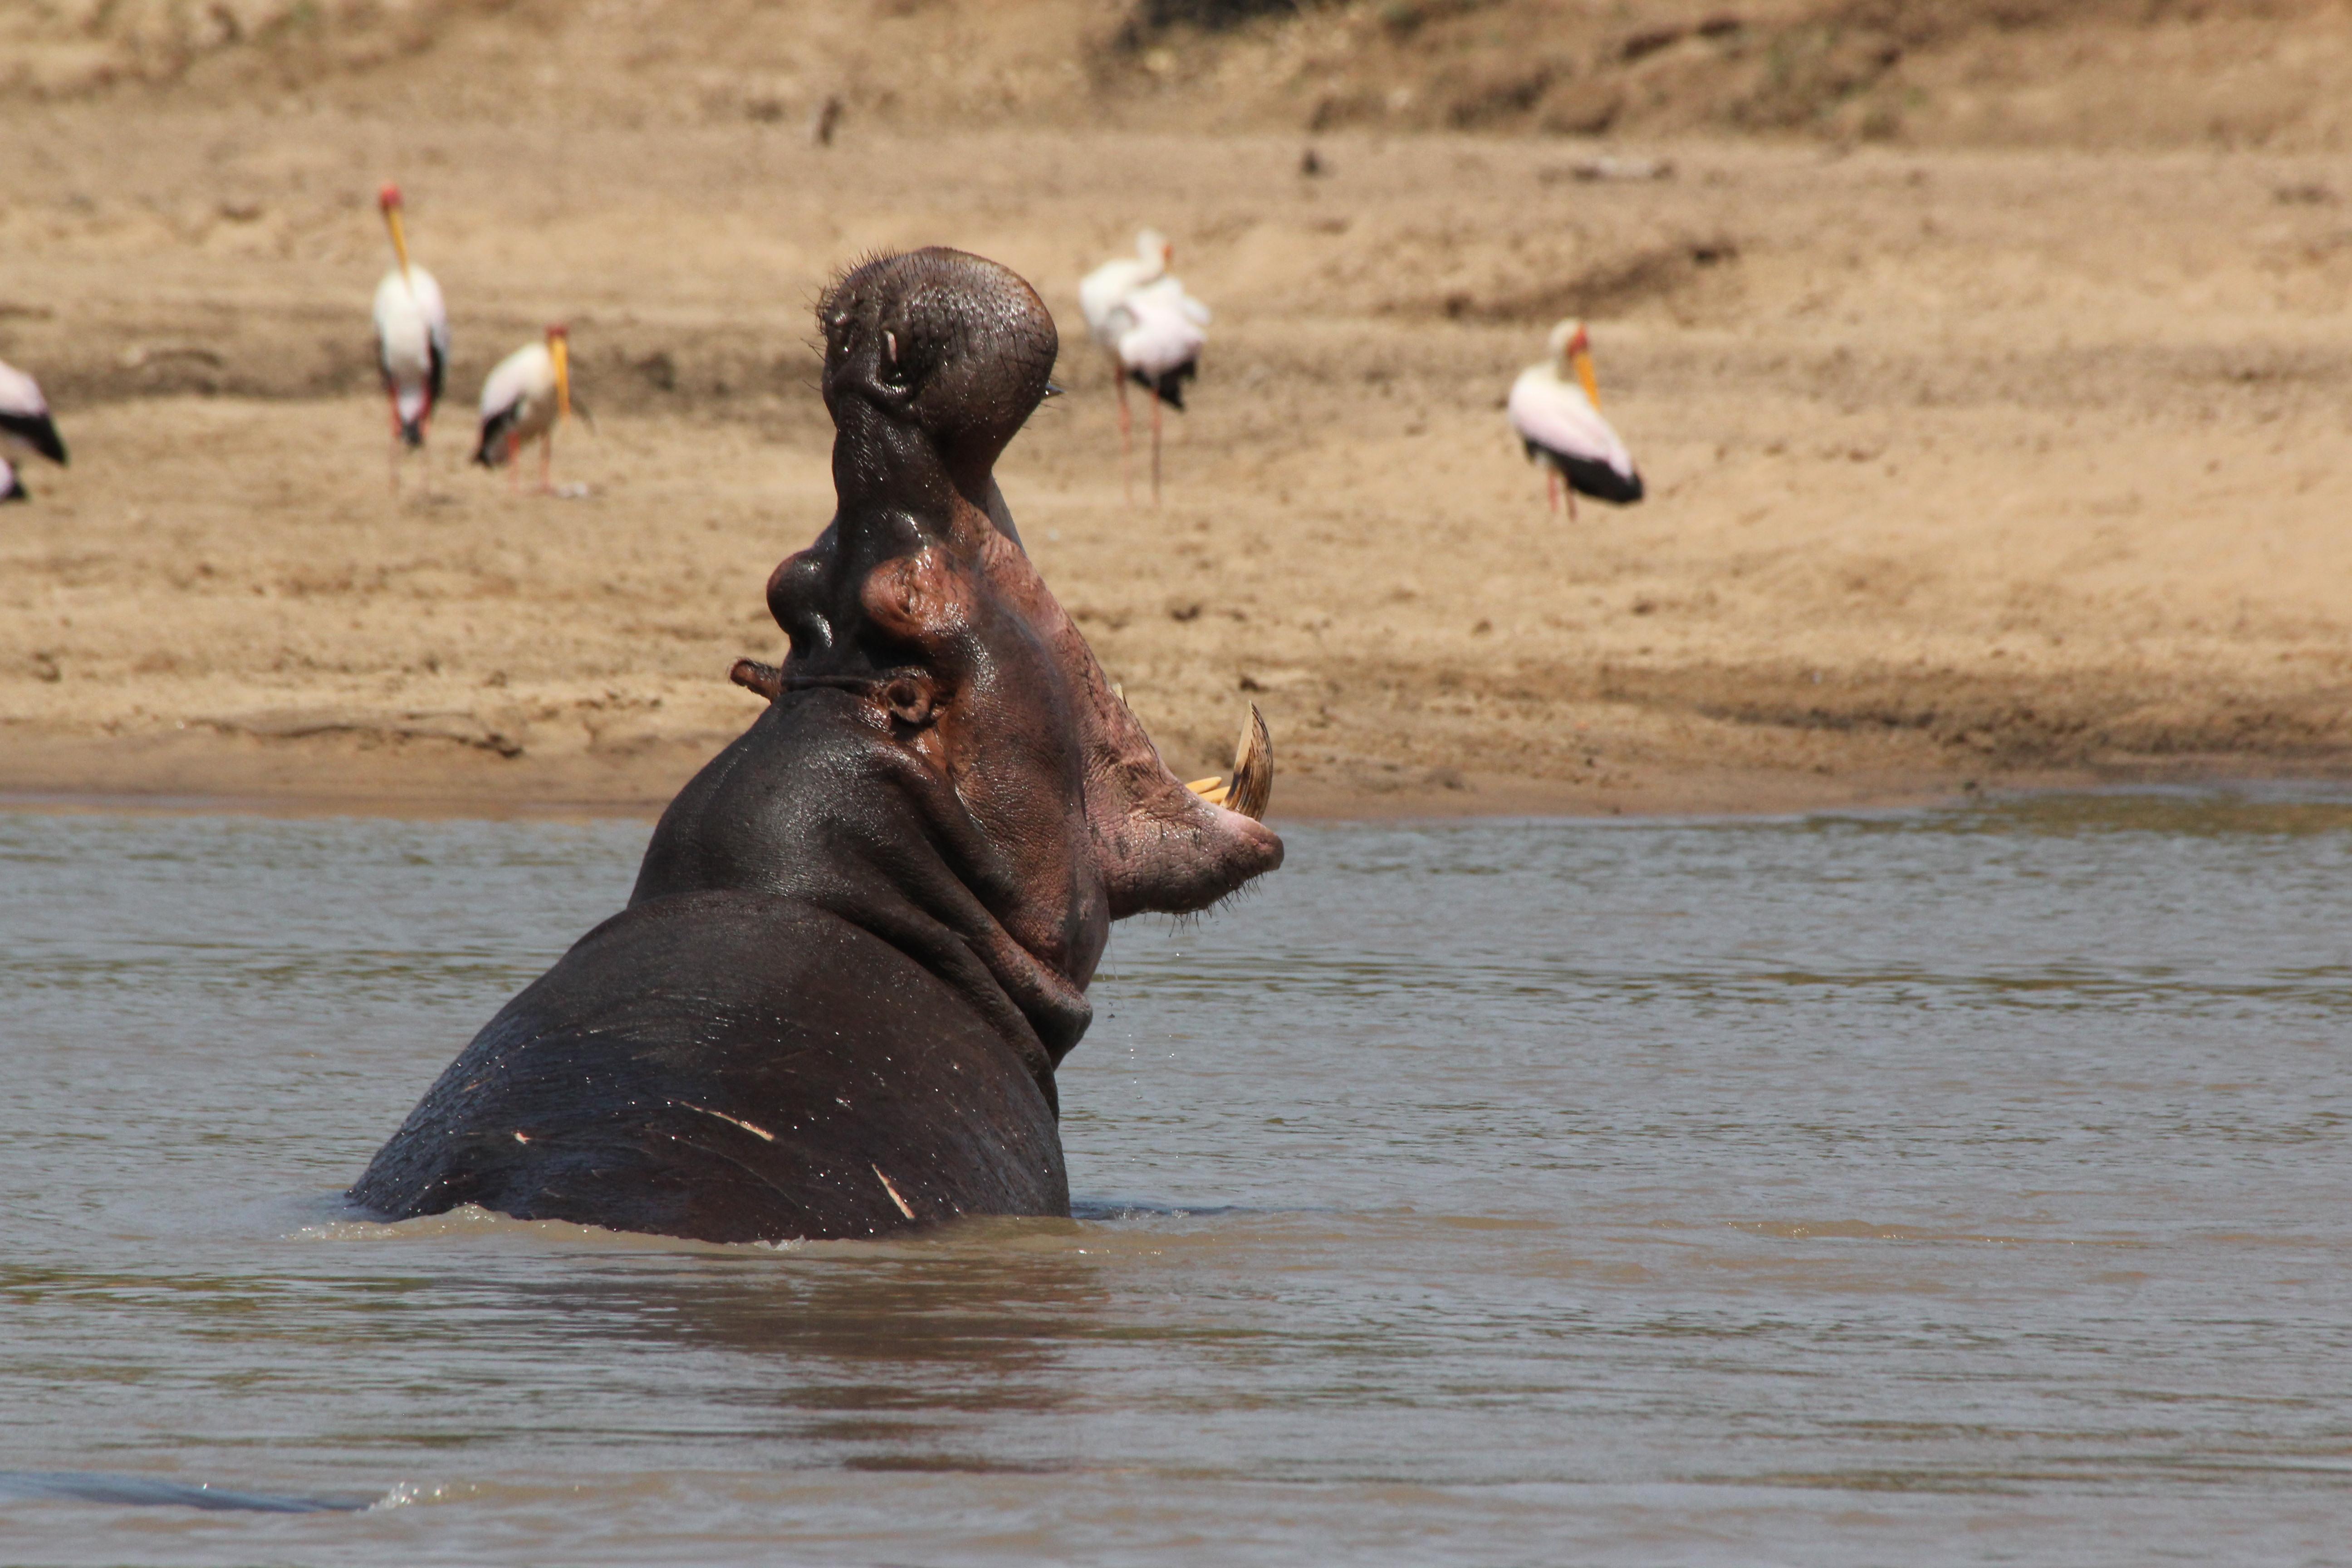 Volunteer and Adventure Program – Lake Malawi – 6 weeks